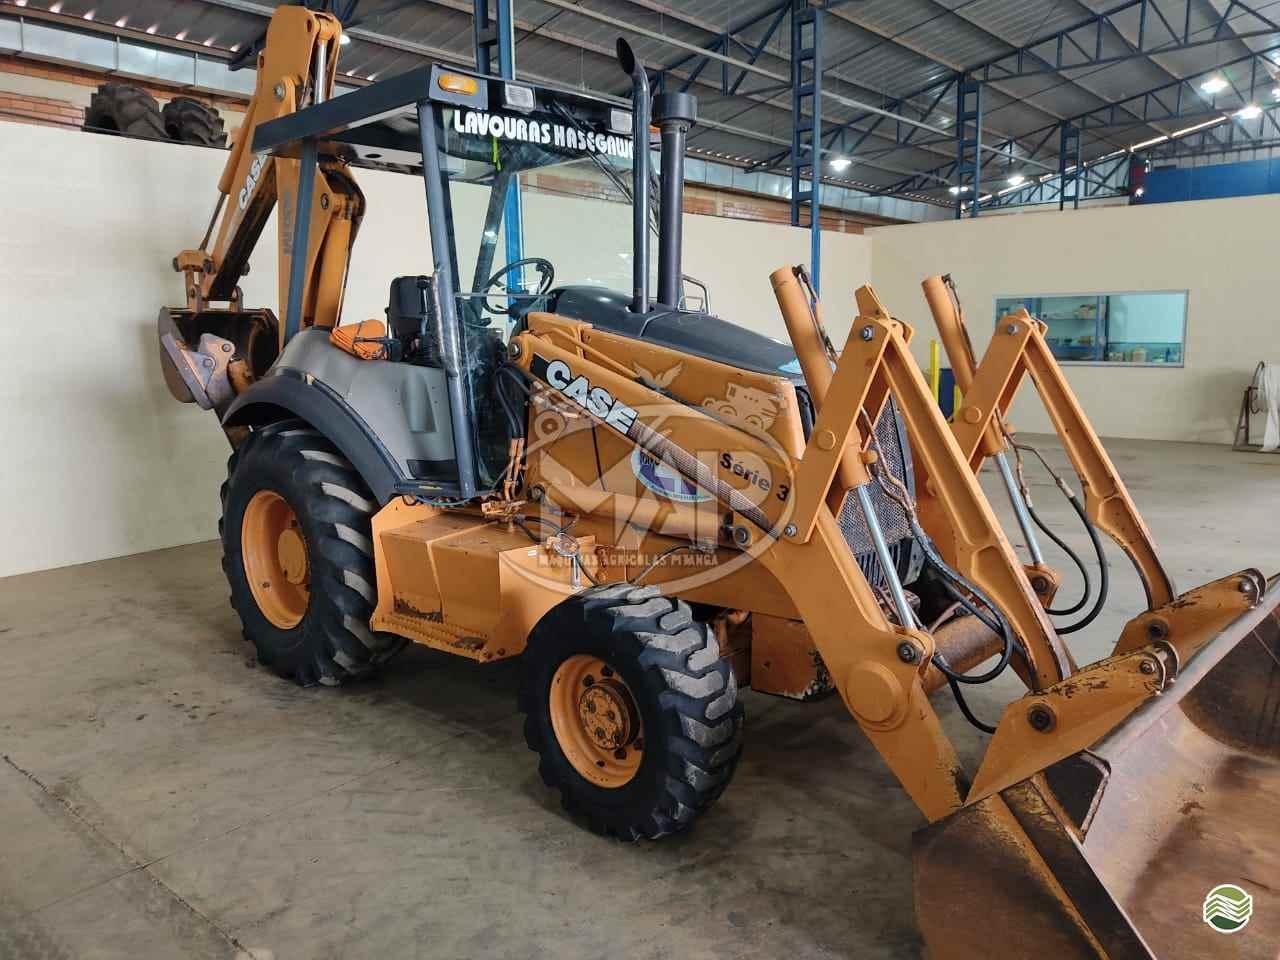 RETRO ESCAVADEIRA CASE 580M Tração 4x4 Máquinas Agrícolas Pitanga PITANGA PARANÁ PR